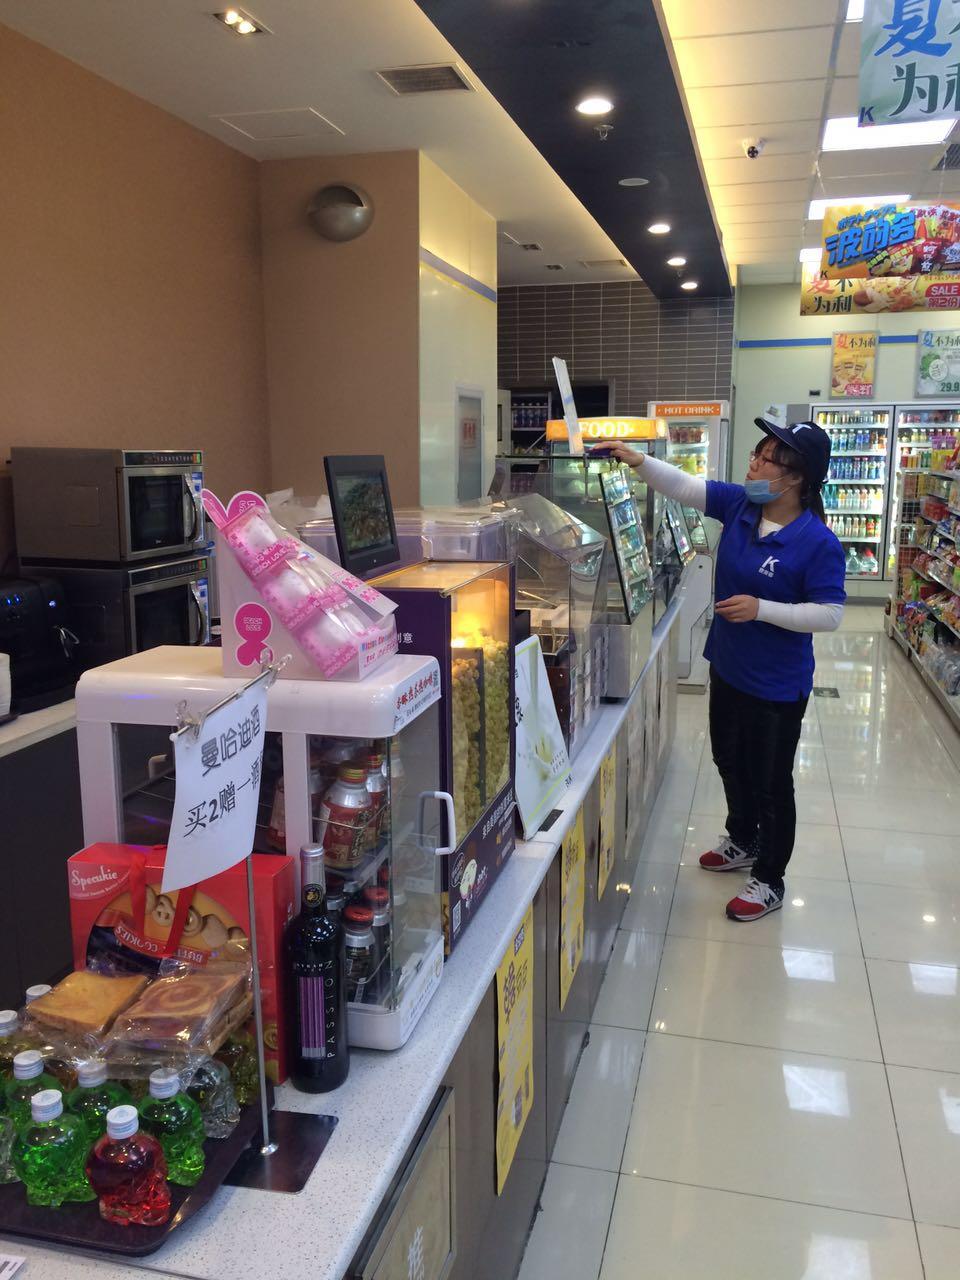 聚焦便利店┊北京欧来客便利店,来自泰王国的新鲜生活 便利店之友